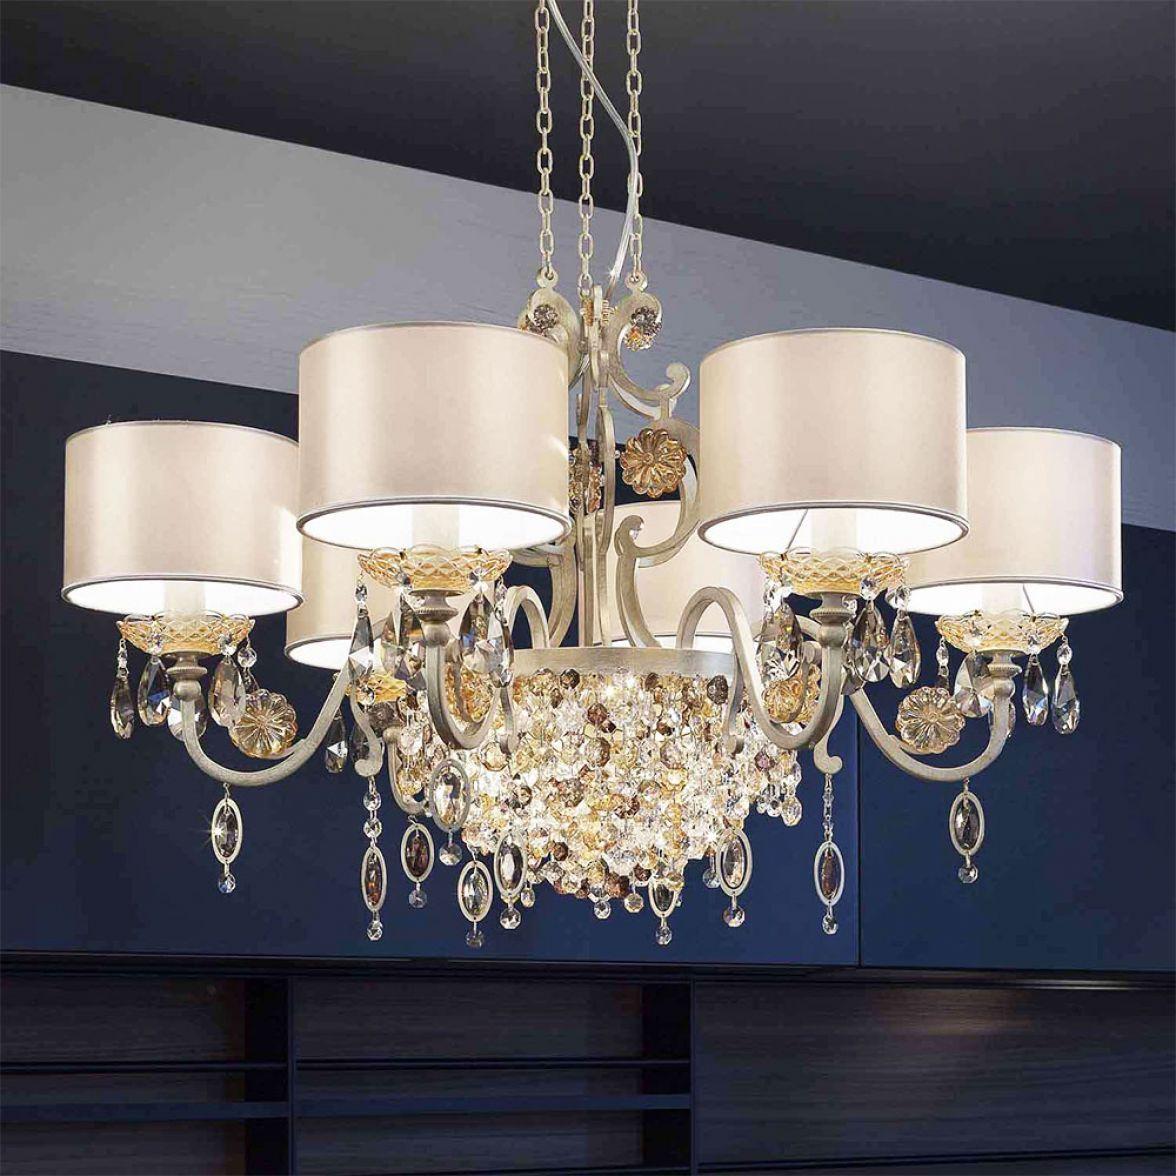 Rosemery chandelier